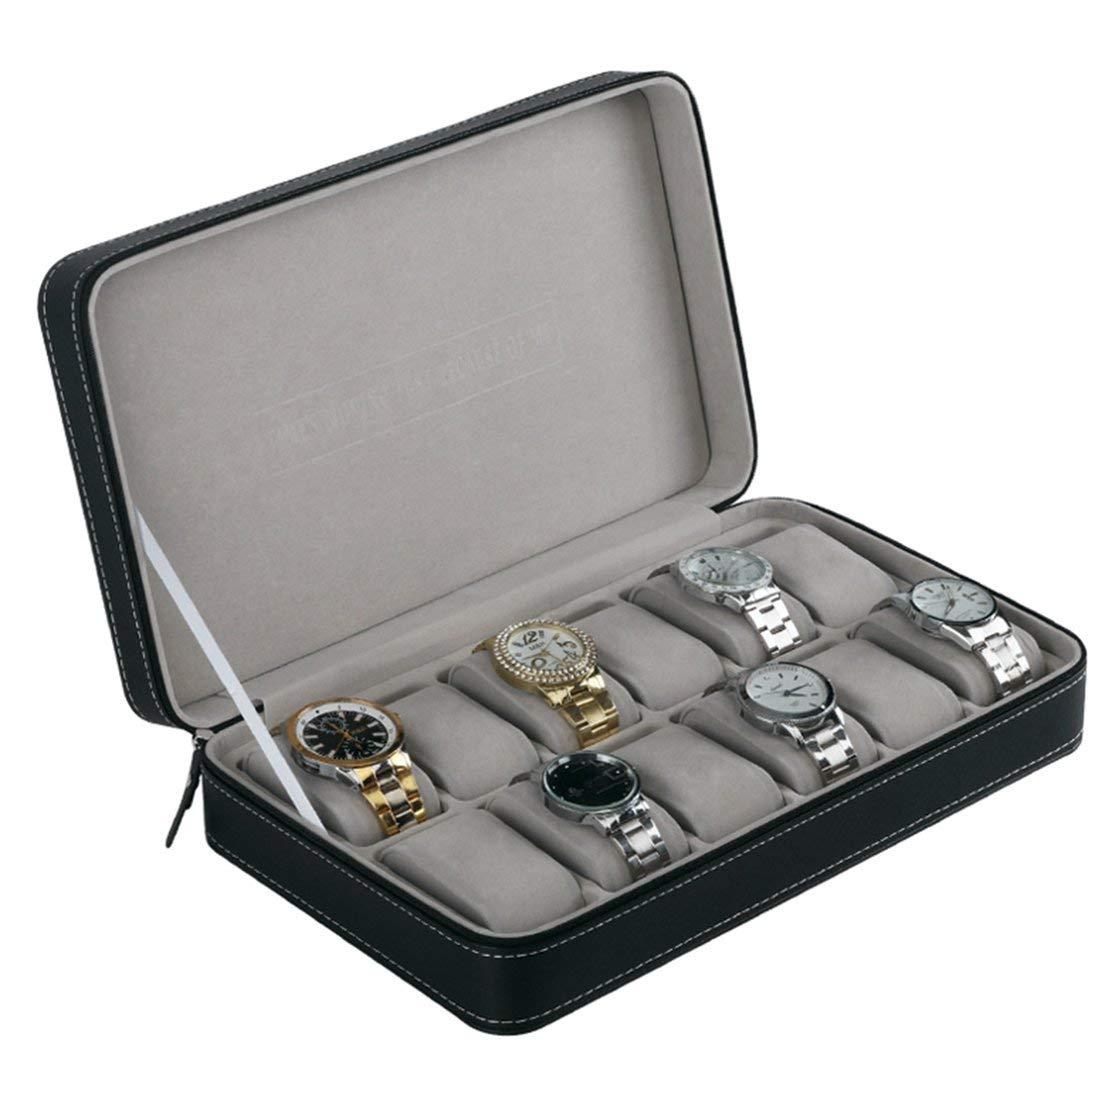 LouiseEvel215 Tragbare 12 Slots Uhr Display Aufbewahrungsbox Veranstalter mit Rei/ßverschluss klassischen Stil multifunktionale Armband Vitrine